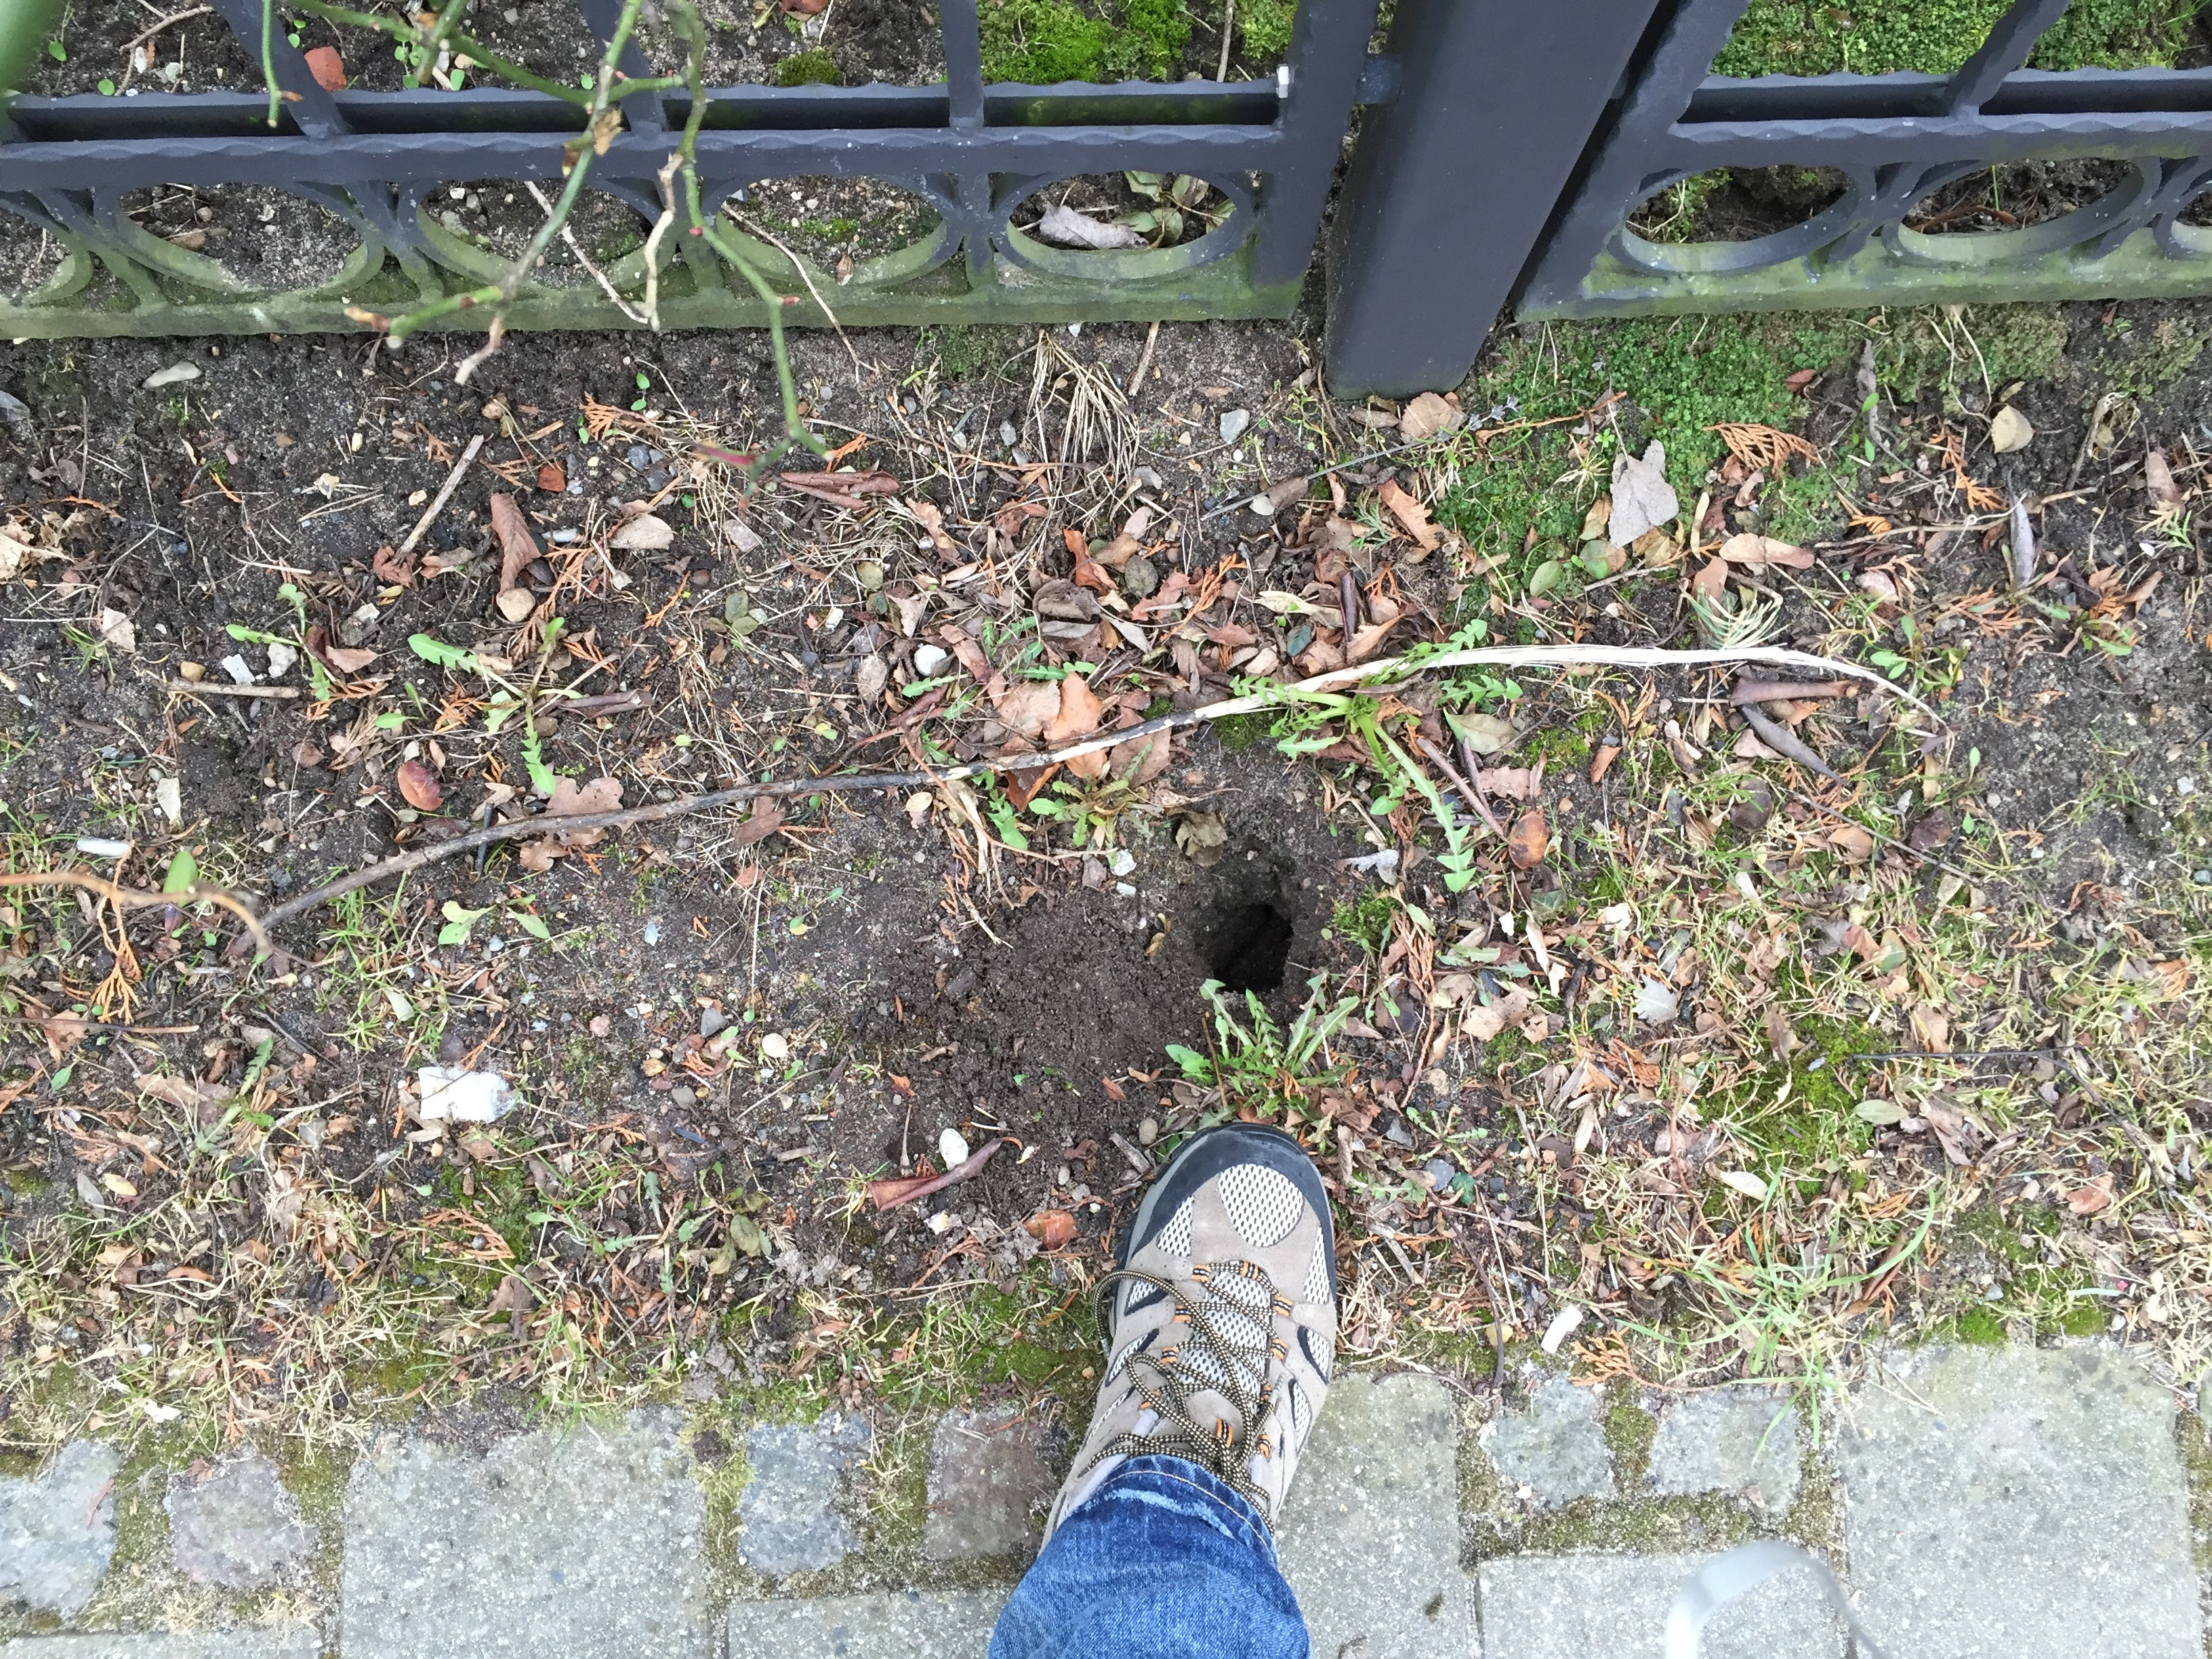 rottehuller i græsplæne